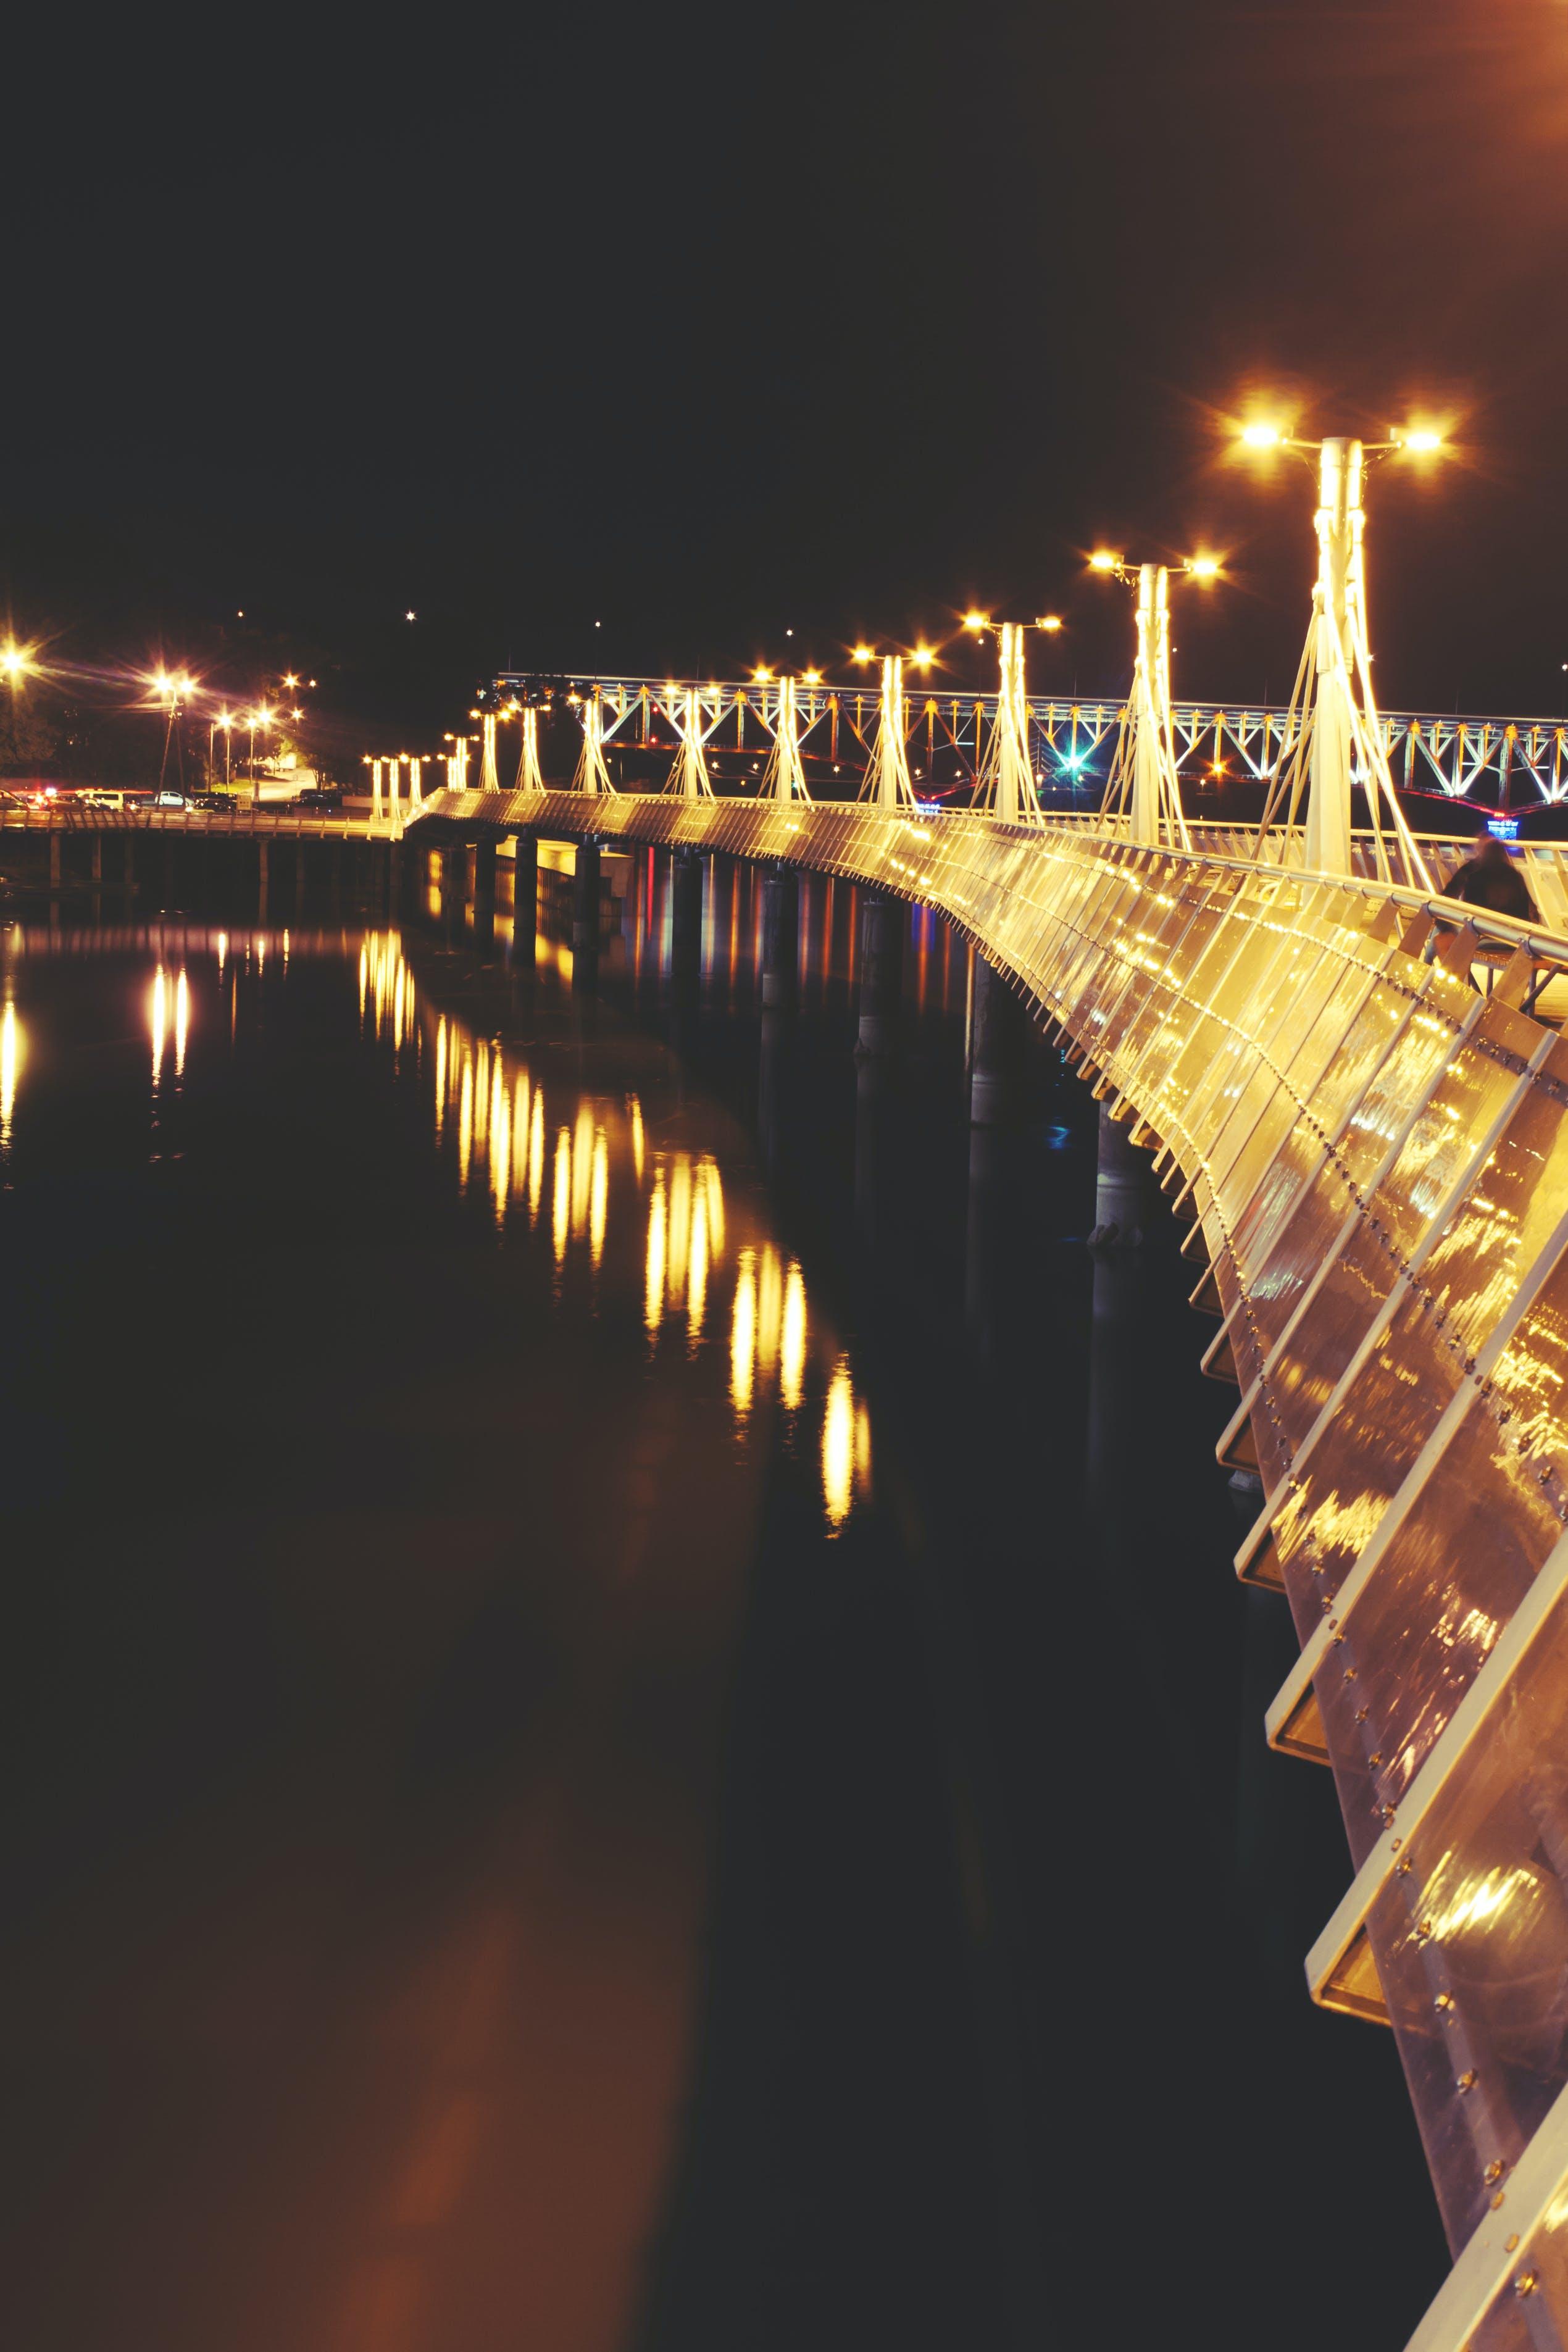 Lights of pier III